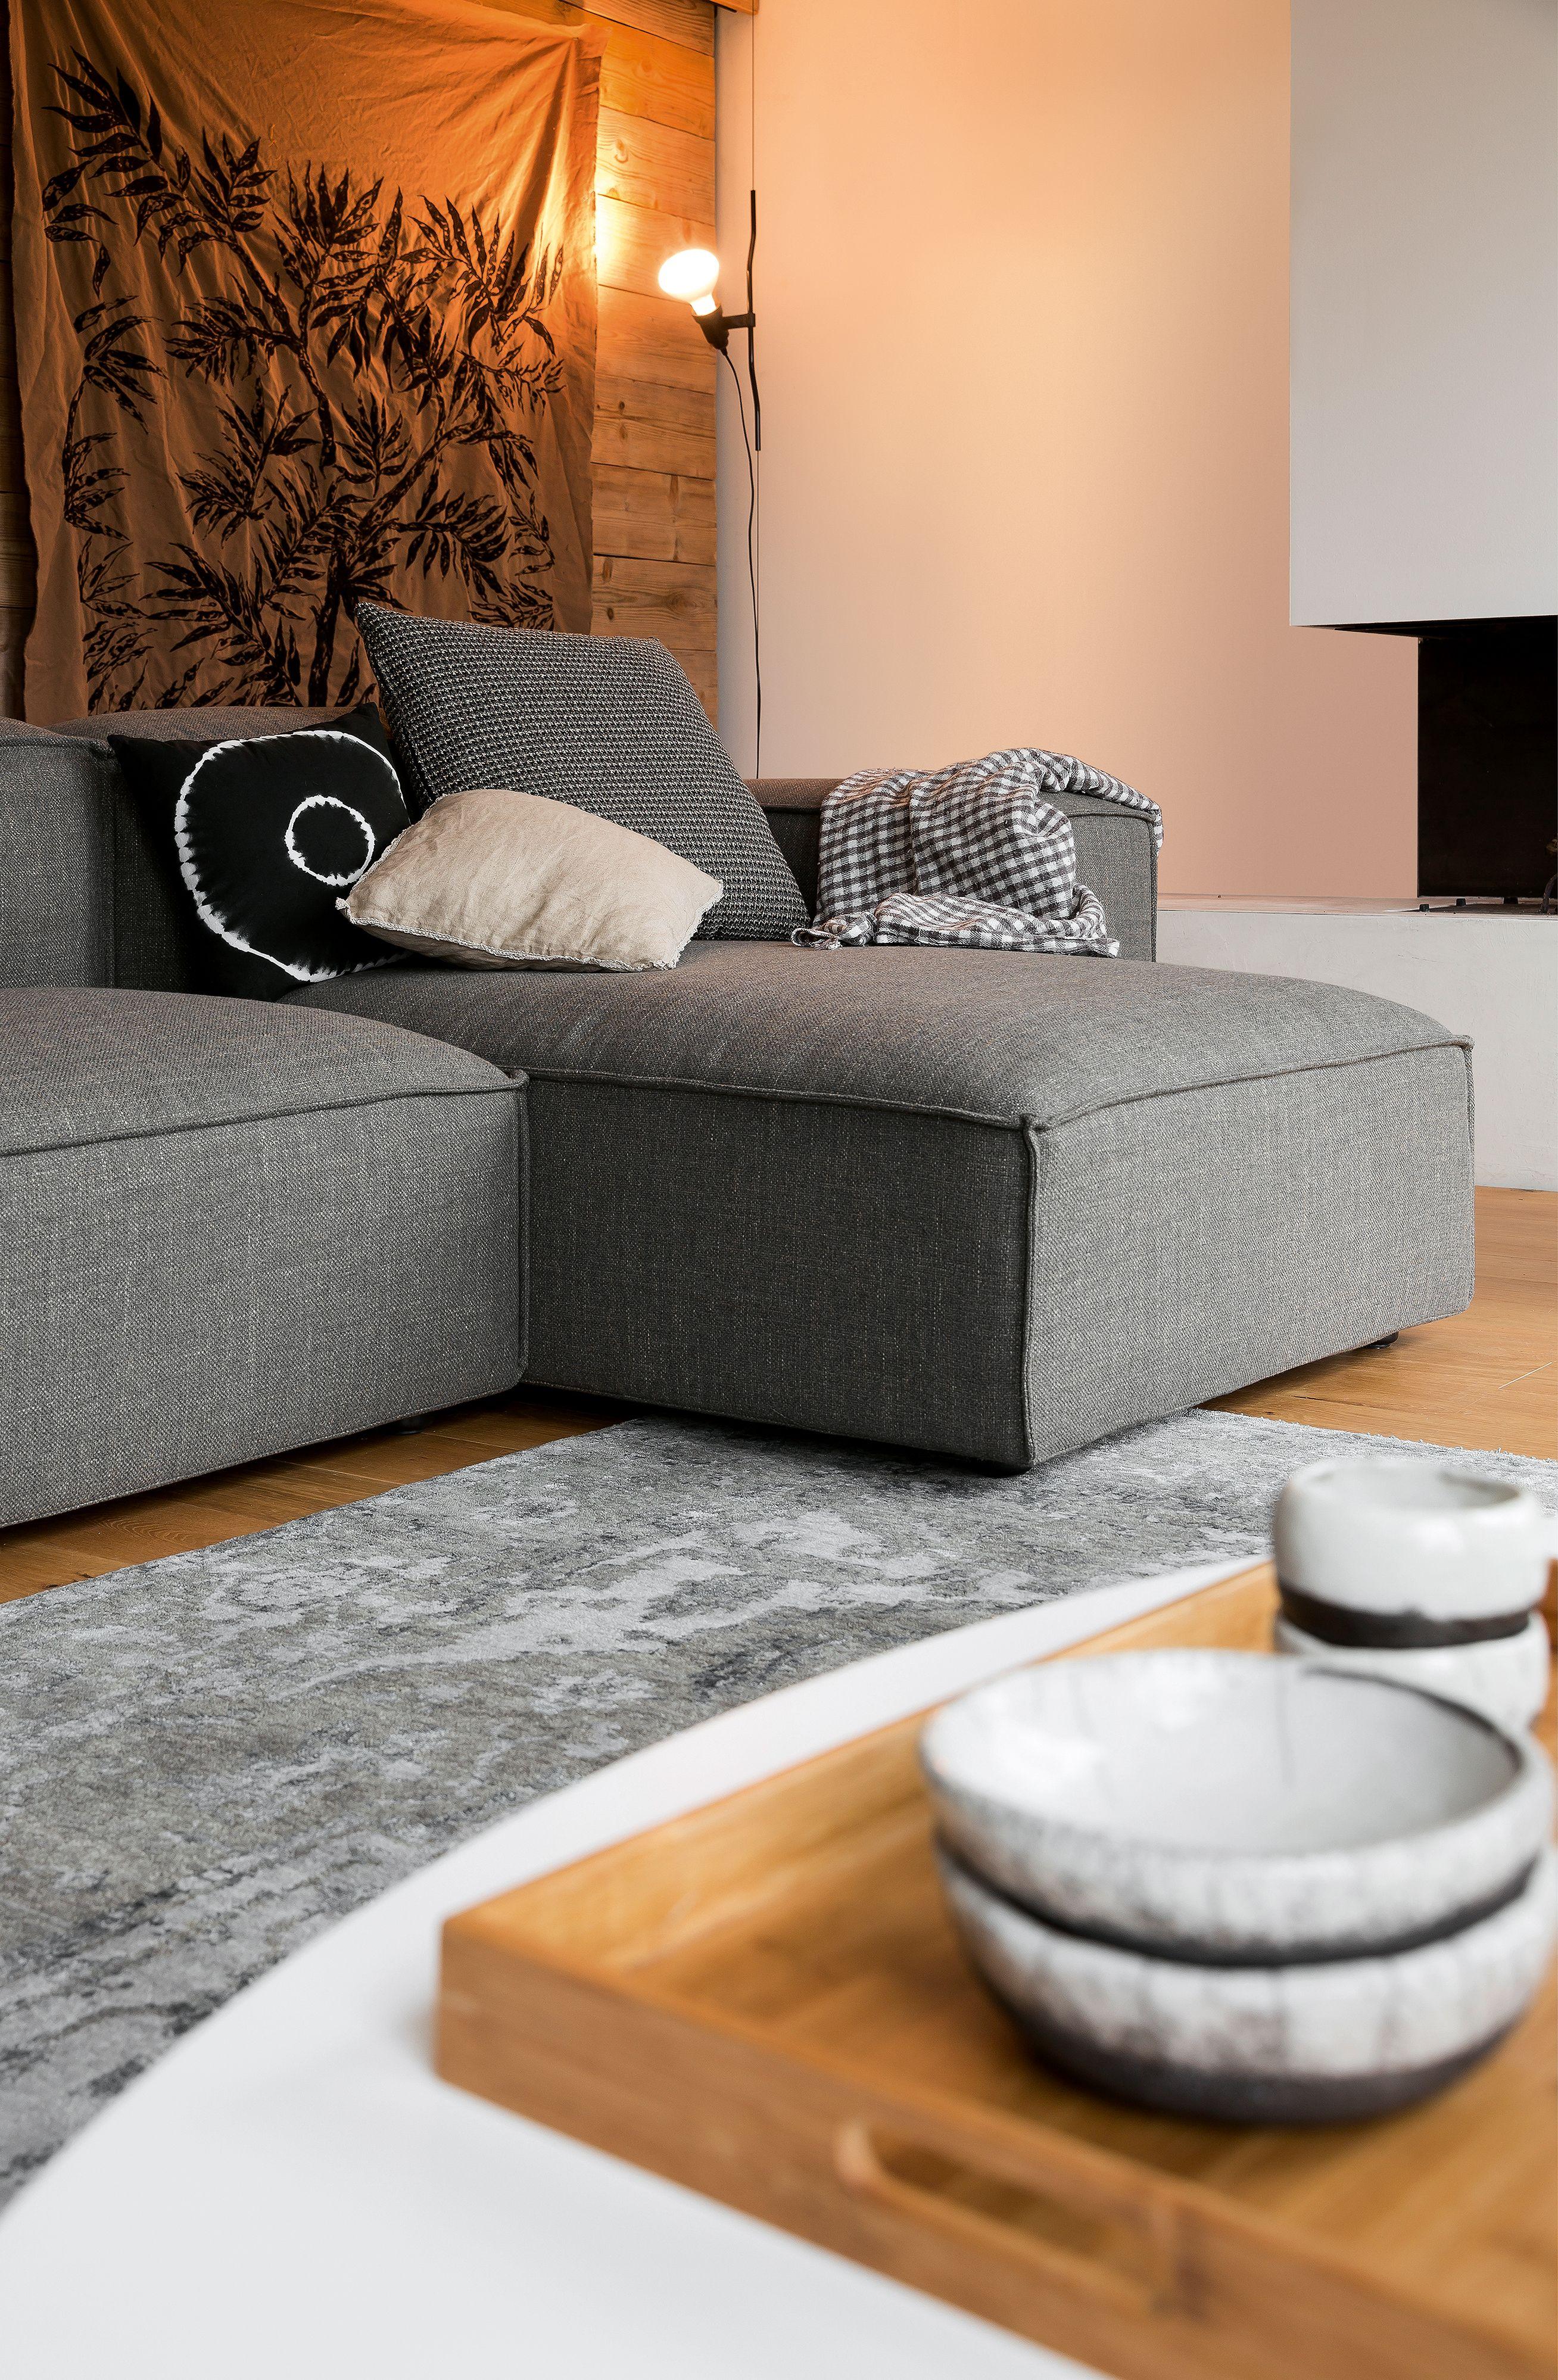 Osez Le Confort Osez Kuchen Spezialist Canape Fauteuil Chaise Design Confort Canape Design Decoration Maison Amenagement Interieur